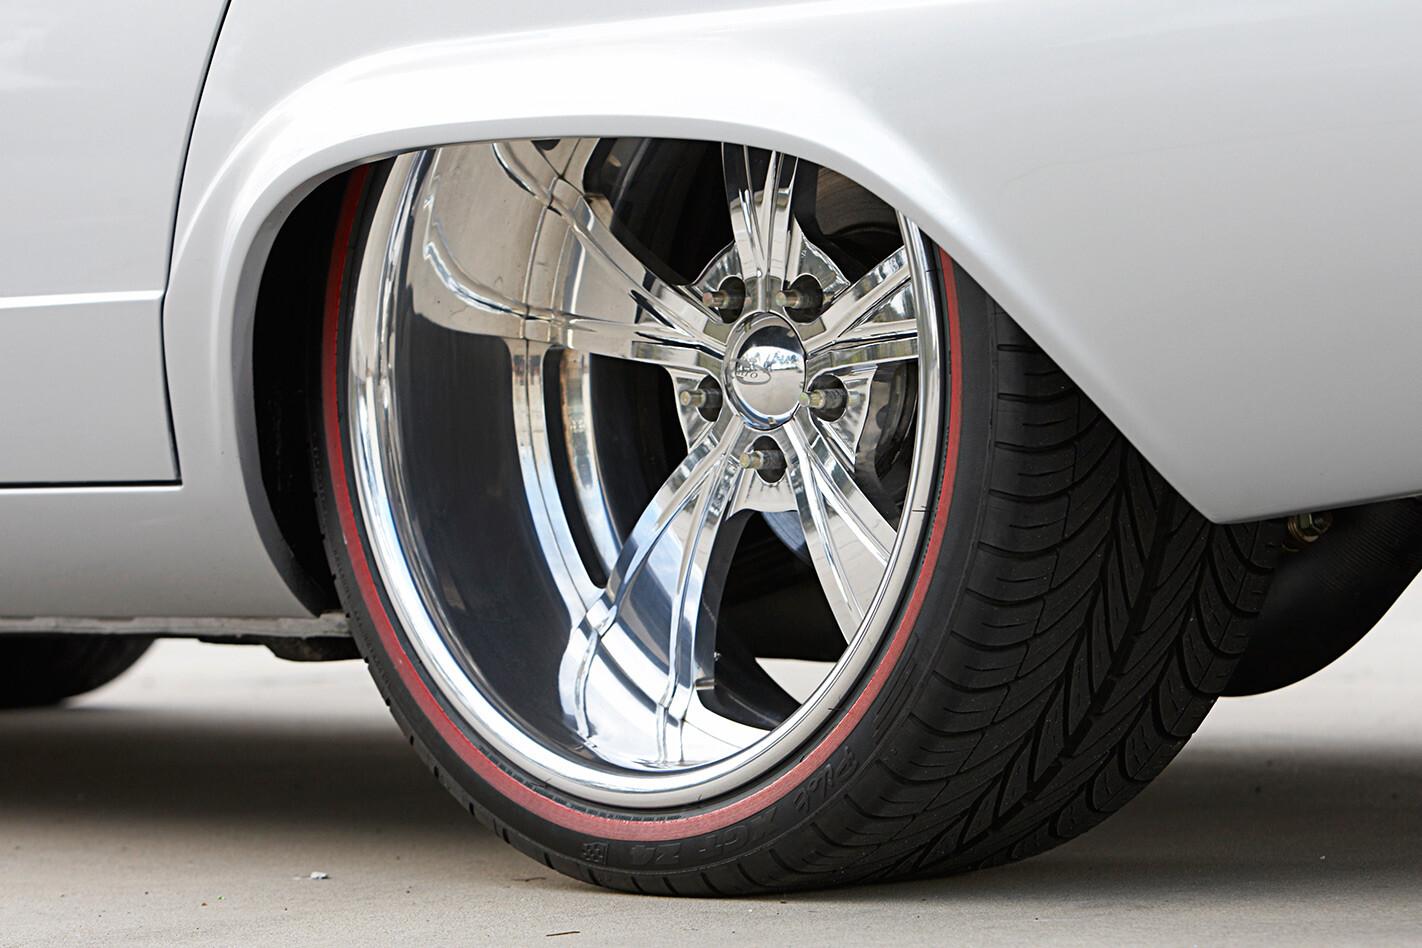 Chrysler VC Valiant wheel